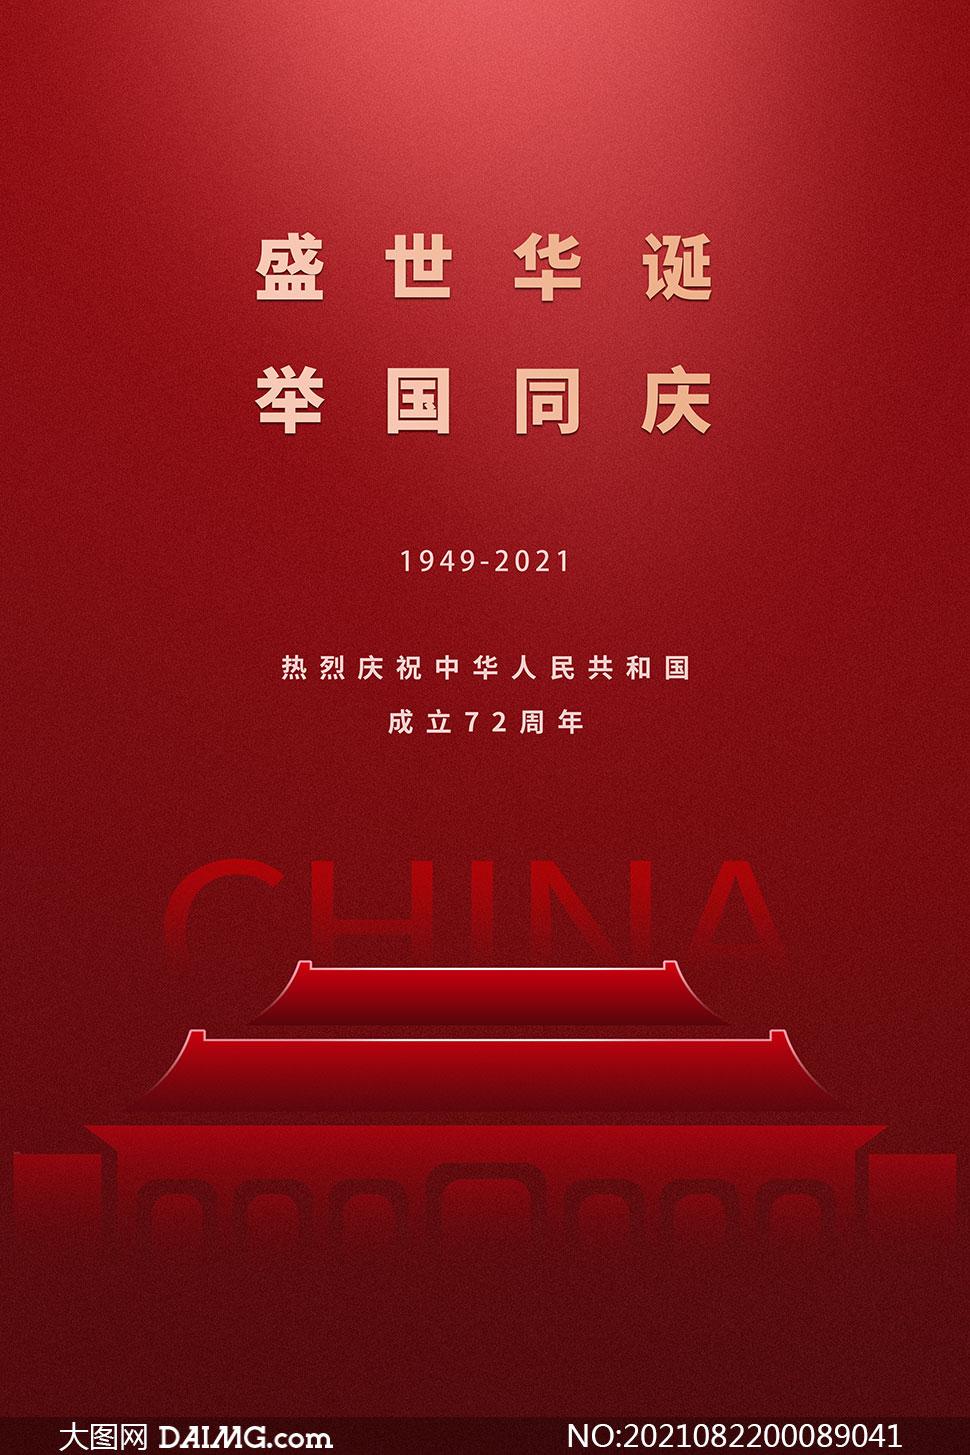 盛世華誕國慶72周年海報設計PSD素材